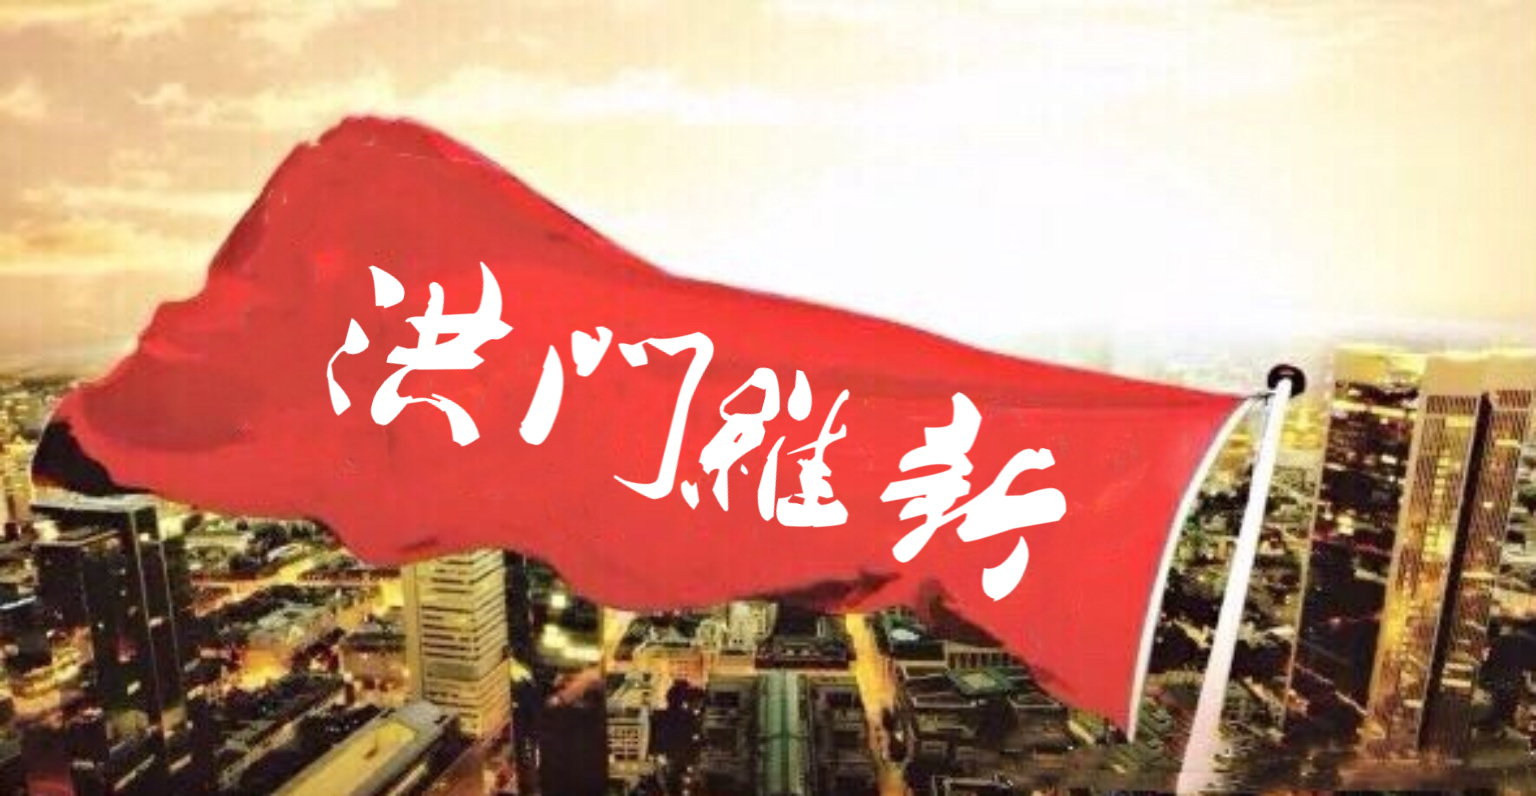 紅花亭紀念日|劉總會長攜洪門昆仲於高雄洪門忠義堂舉行紀念儀式